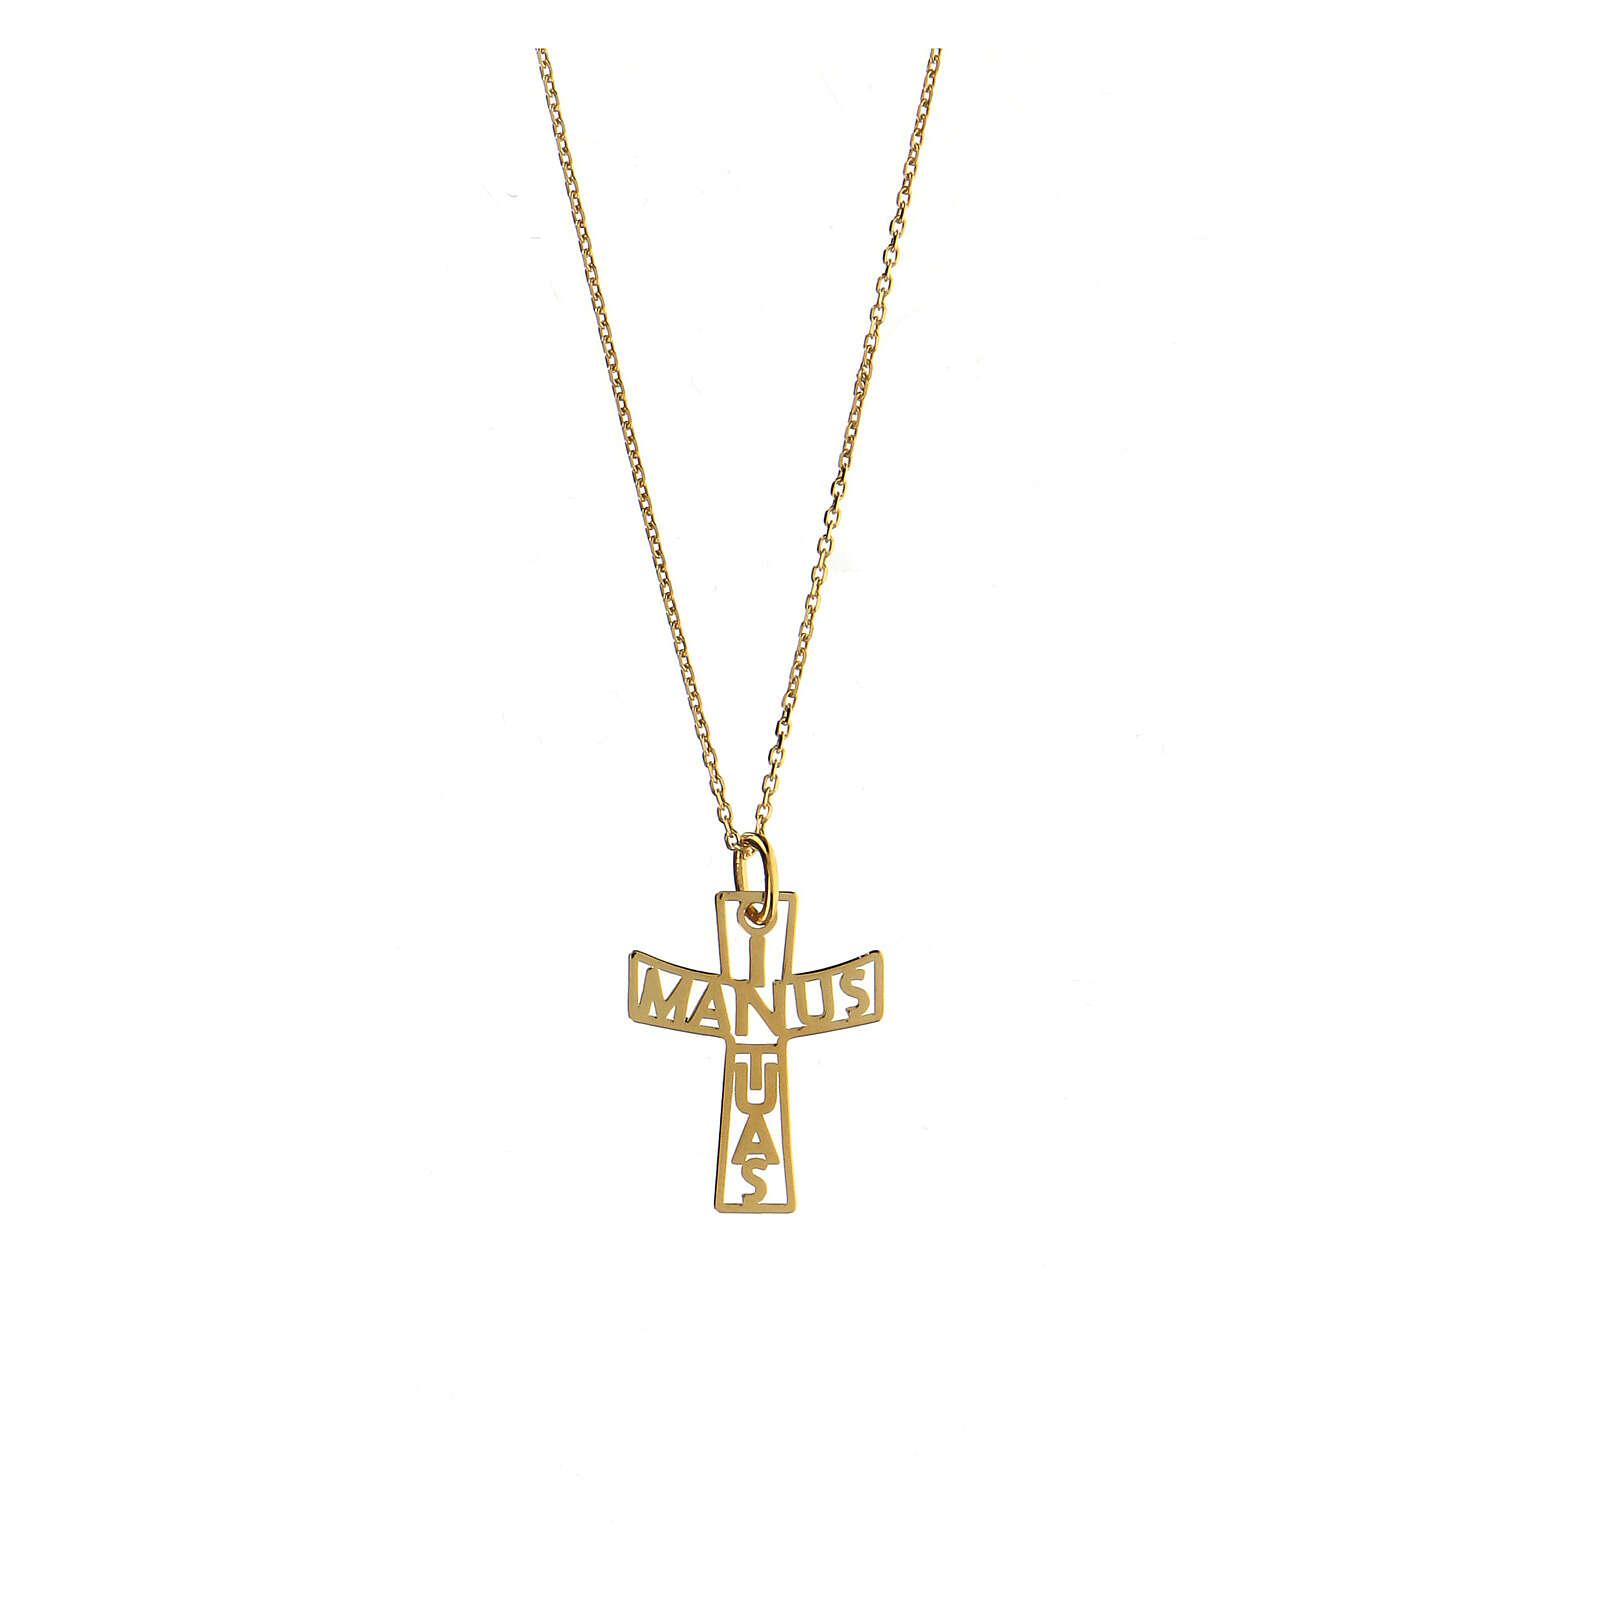 Croce argento dorato 925 In Manus Tuas 4